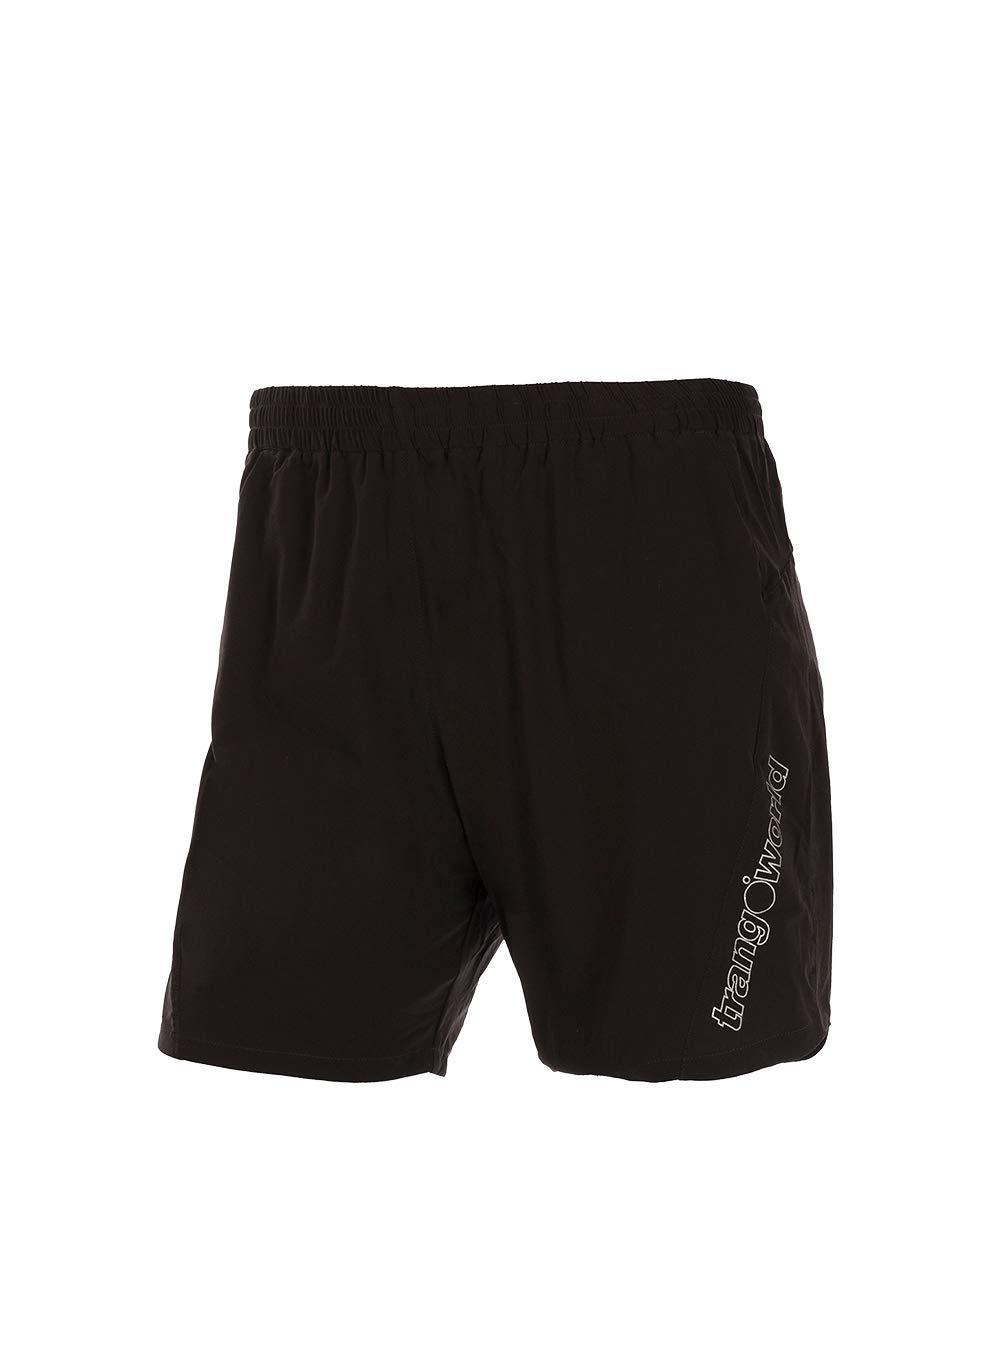 Trango pc008009 Shorts, Kurze XL